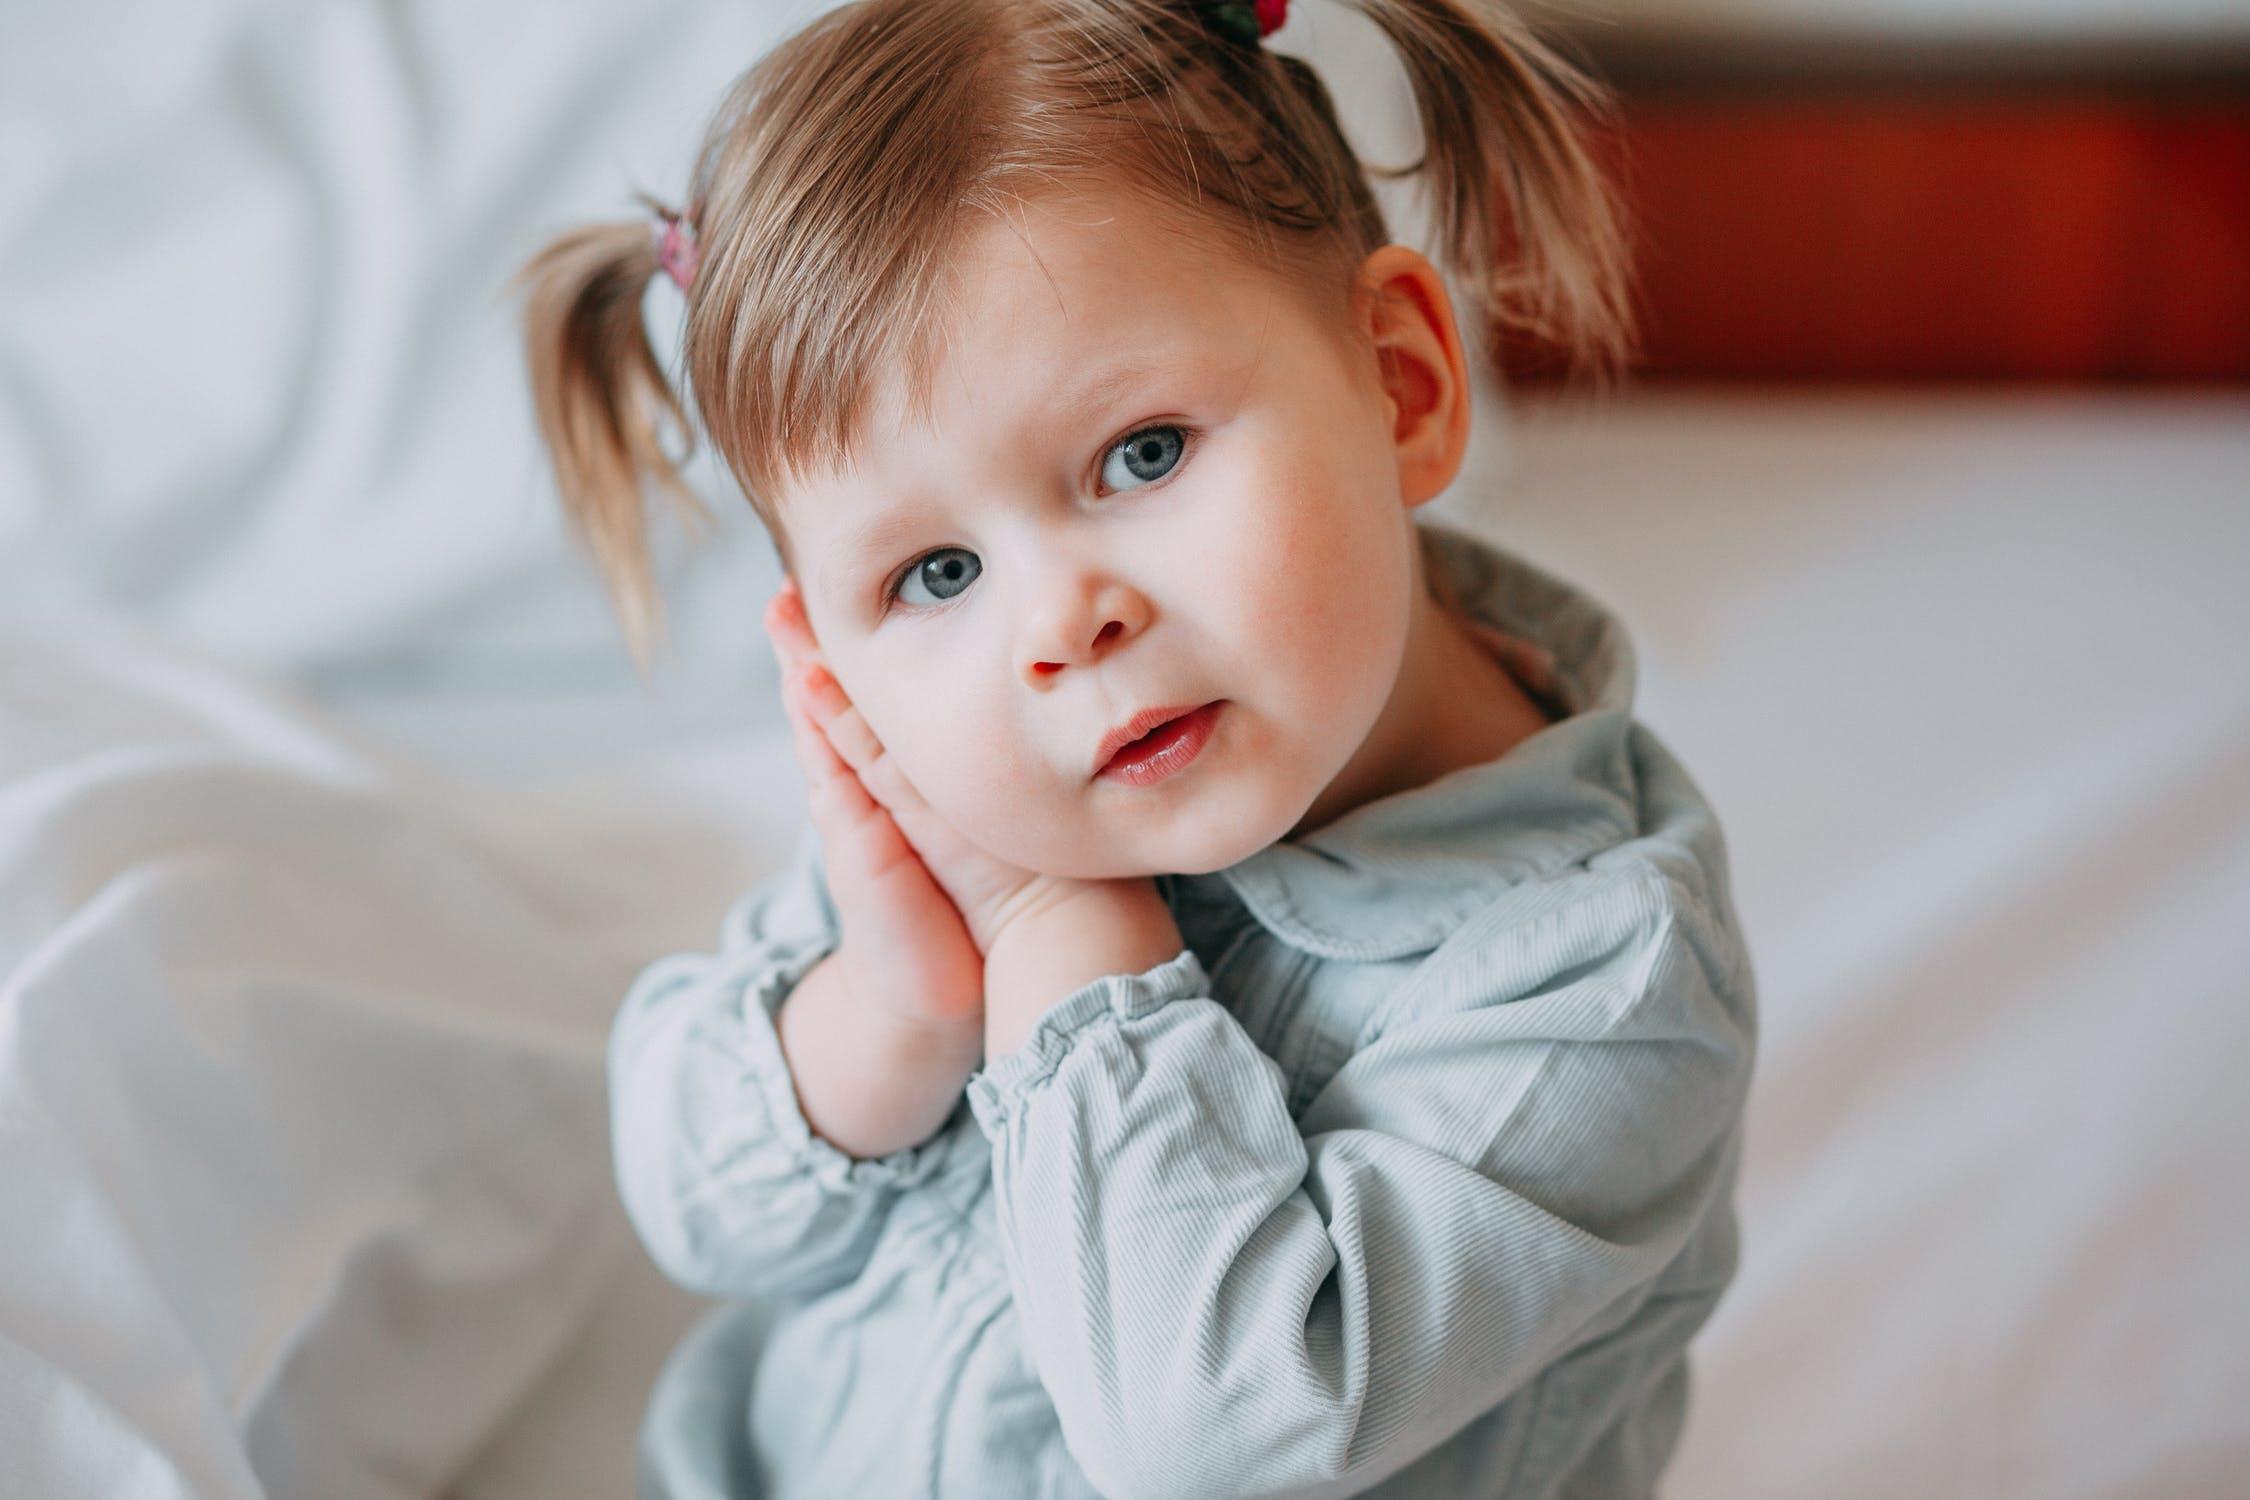 【羊奶粉优势】宝宝喝奶粉爱上火?怎么办?